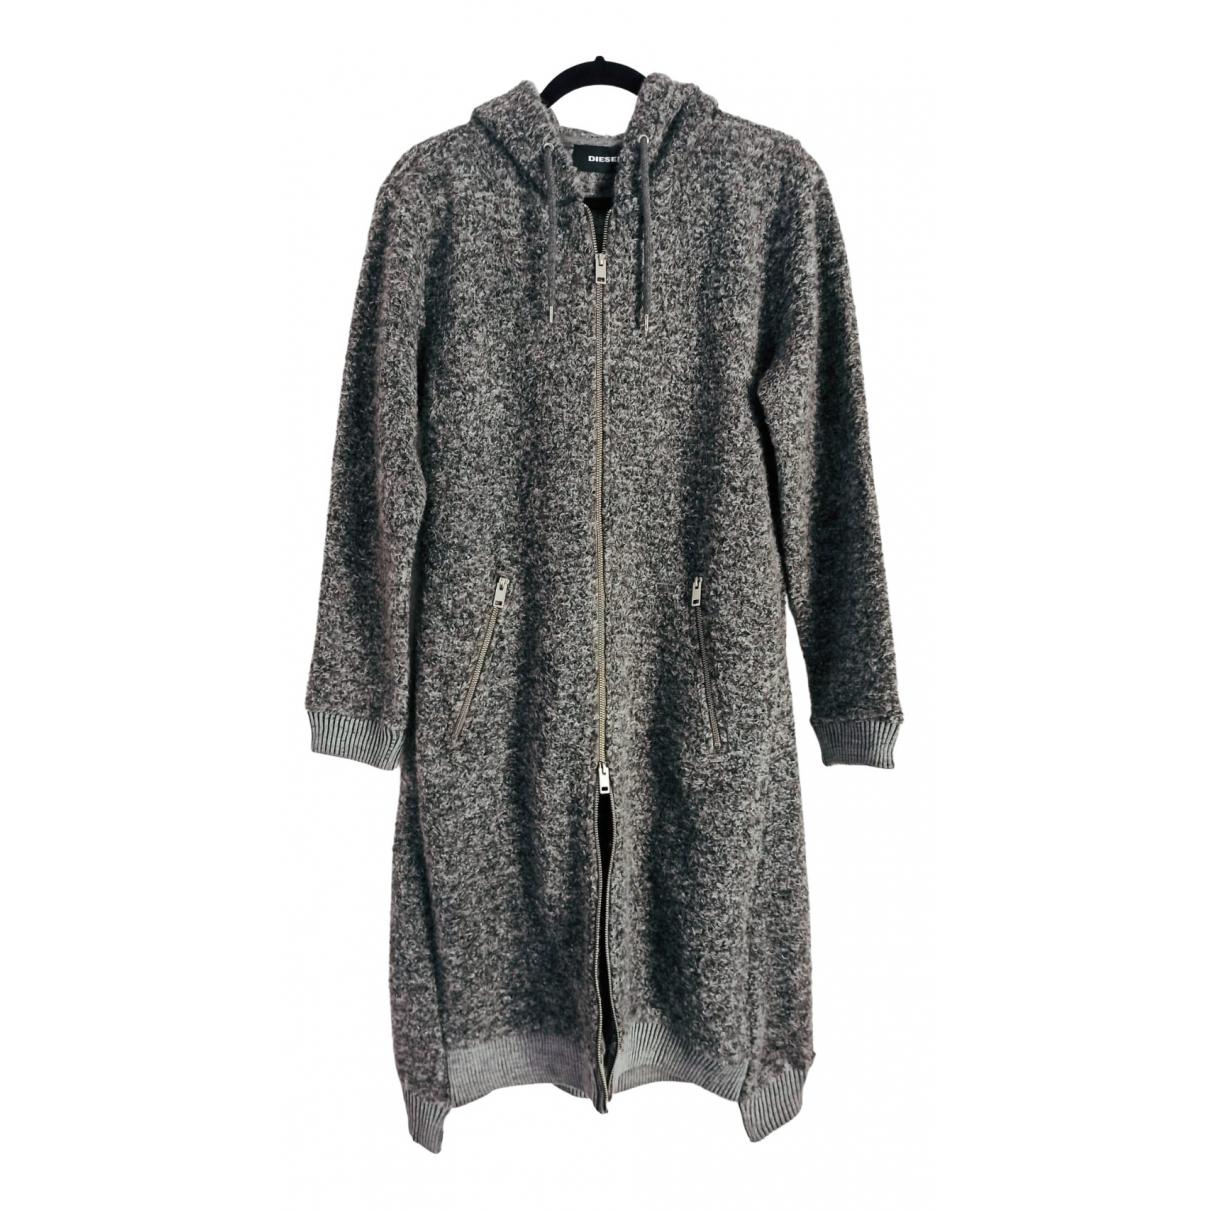 Diesel \N Grey Wool coat for Women M International